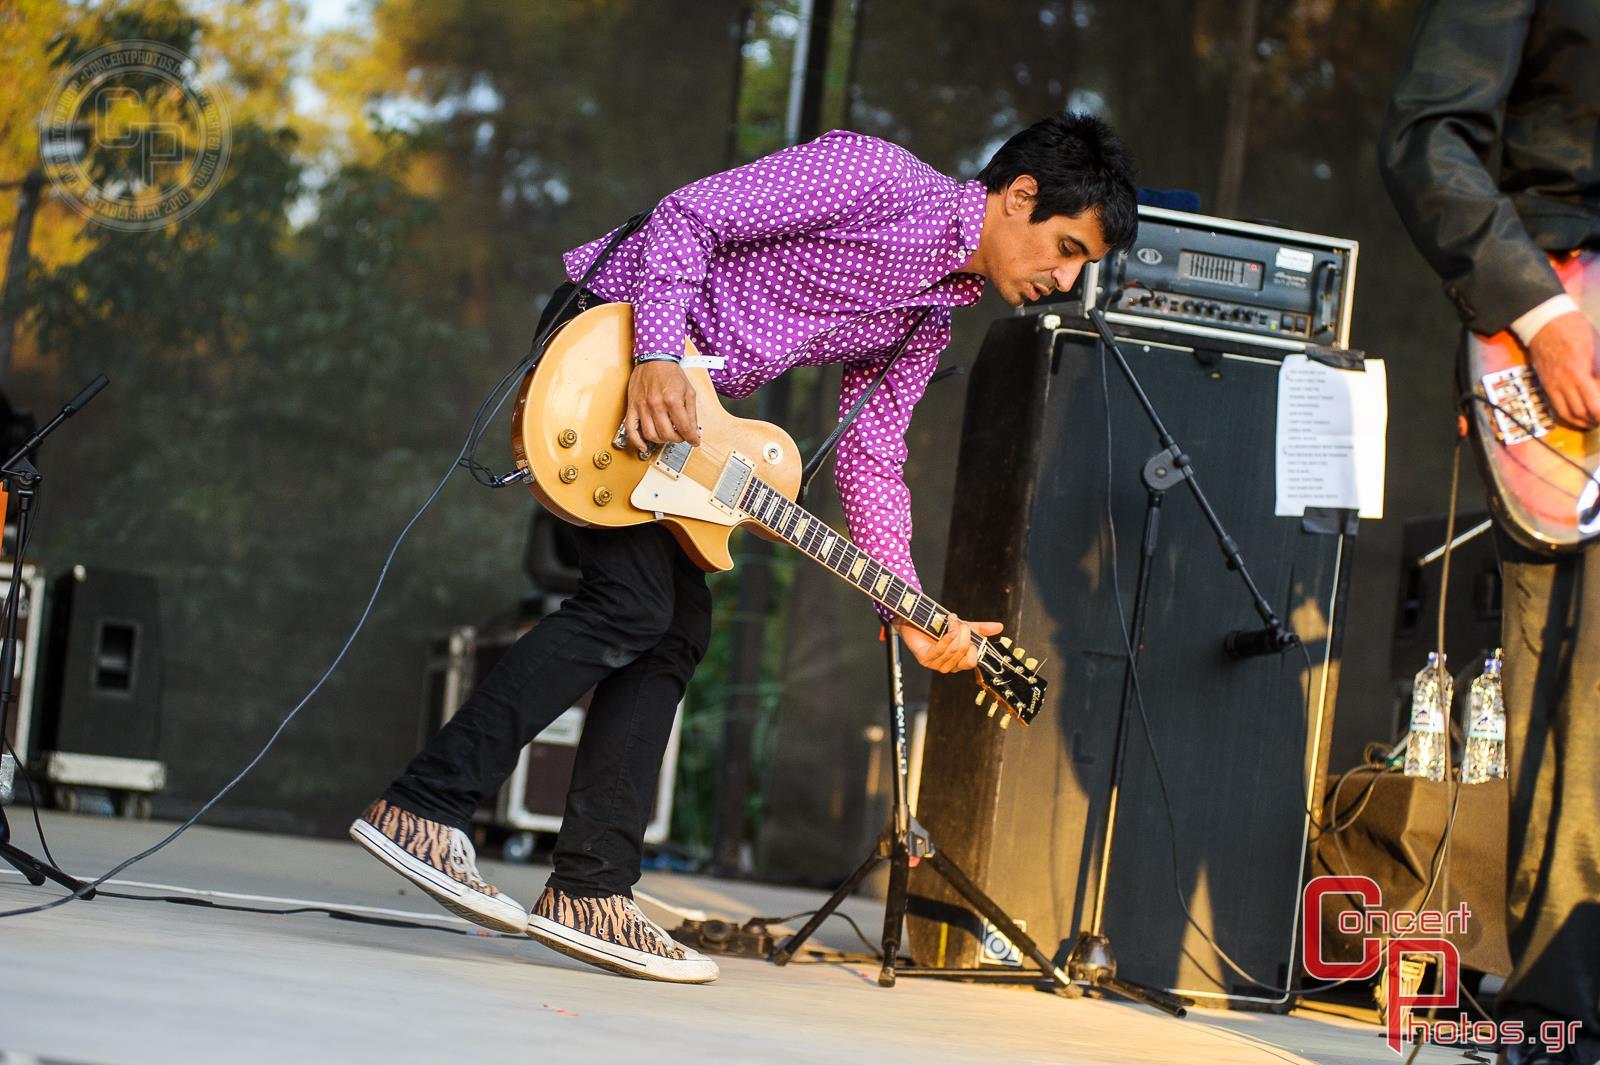 Rockwave 2014-Rockwave 2014 - Day 1 photographer:  - Rockwave-2014-62